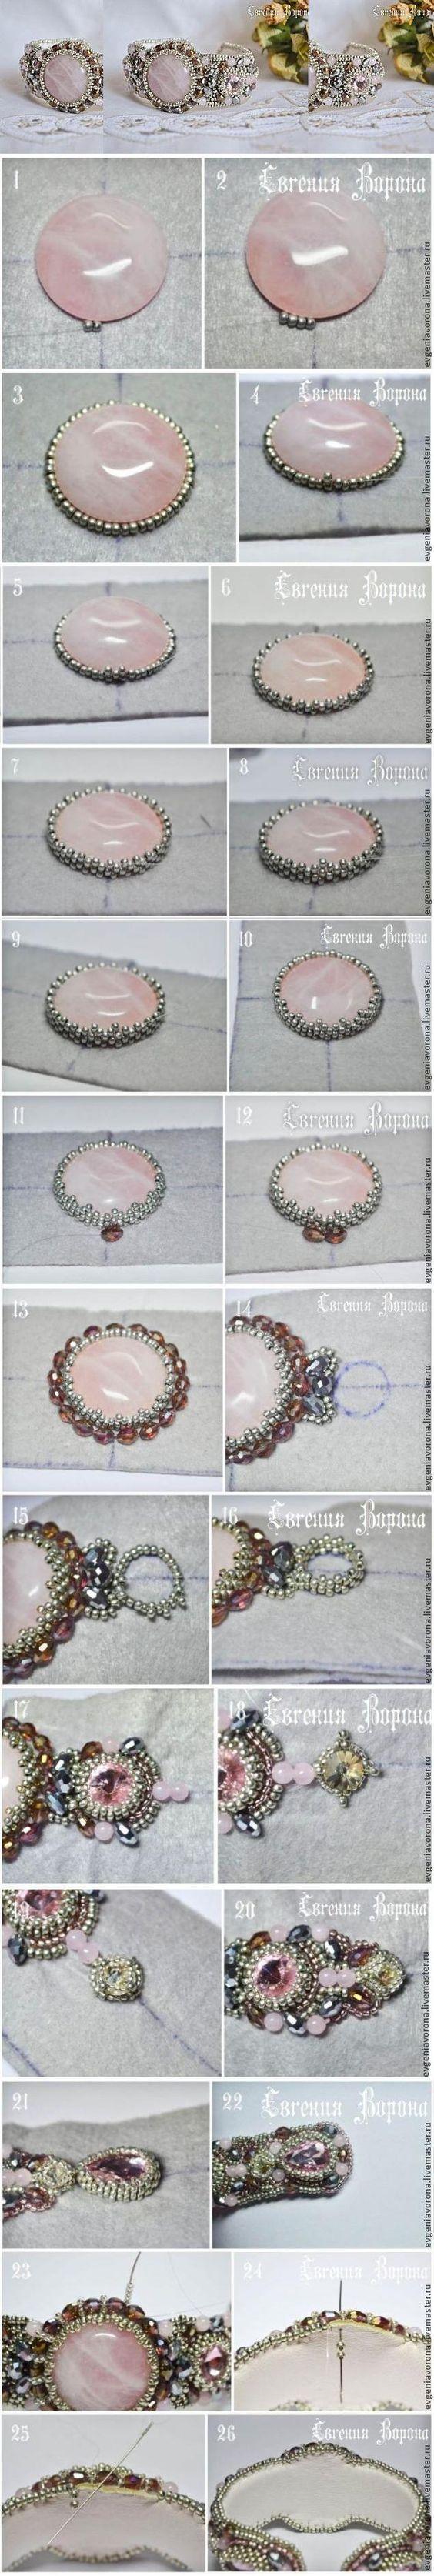 Beautiful beaded bracelet tutorial / Мастер-класс: нежный браслет вышитый бисером